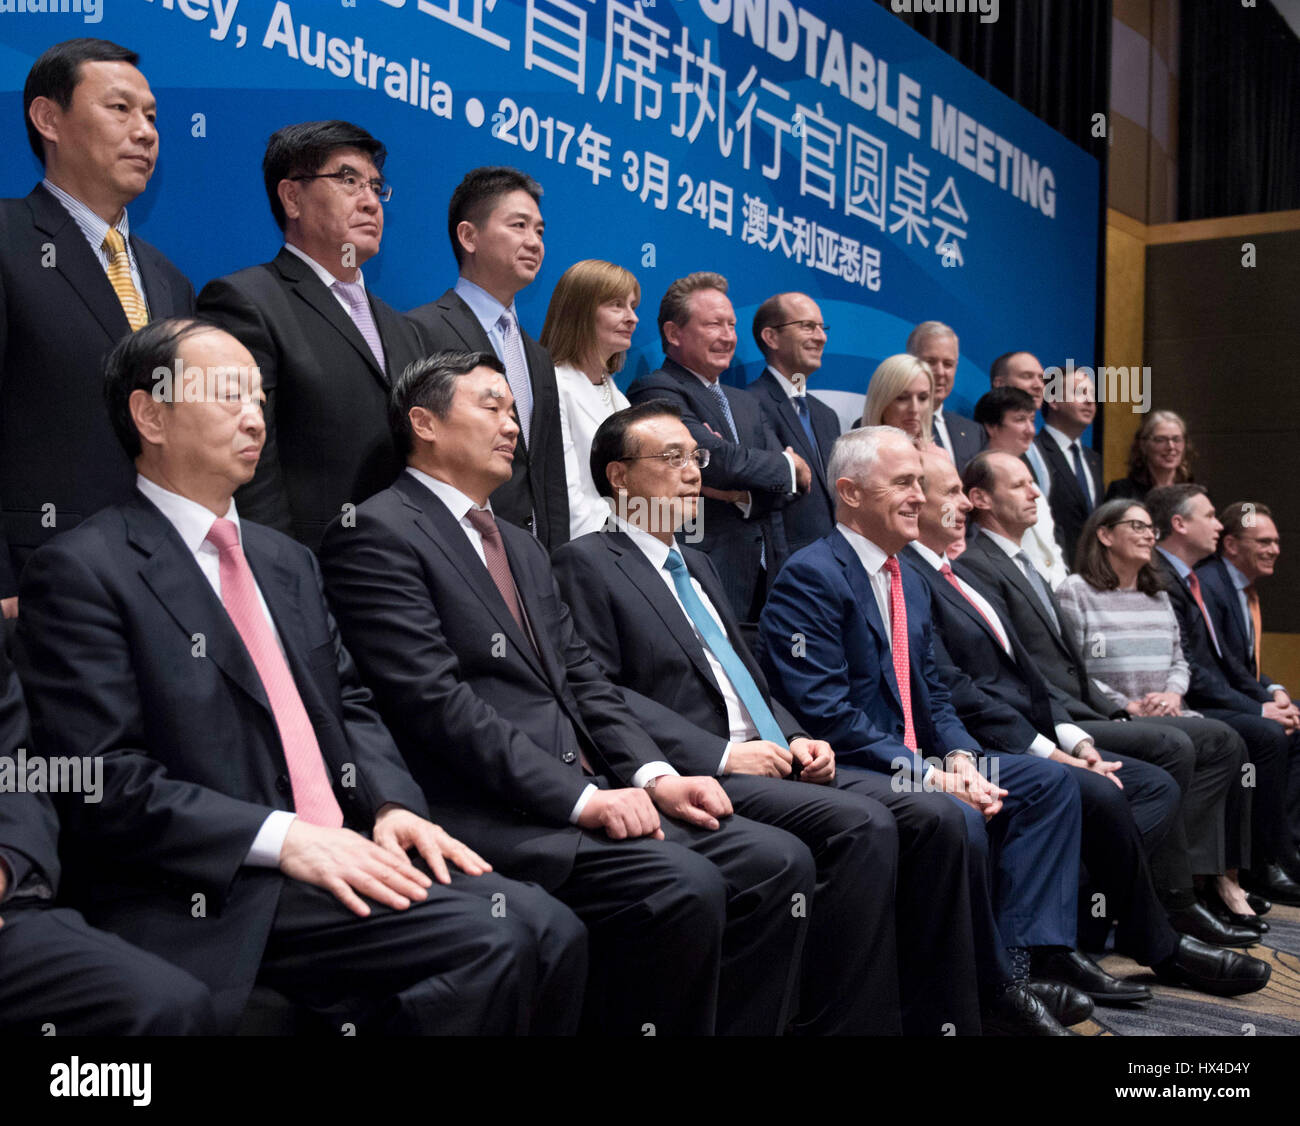 Sydney, Australien. 24. März 2017. Der chinesische Ministerpräsident Li Keqiang (3. L Front) und australische Premierminister Malcolm Turnbull (4. L Front) besuchen das Australien-China CEO Roundtable treffen in Sydney, Australien, 24. März 2017. Bildnachweis: Li Xueren/Xinhua/Alamy Live-Nachrichten Stockfoto